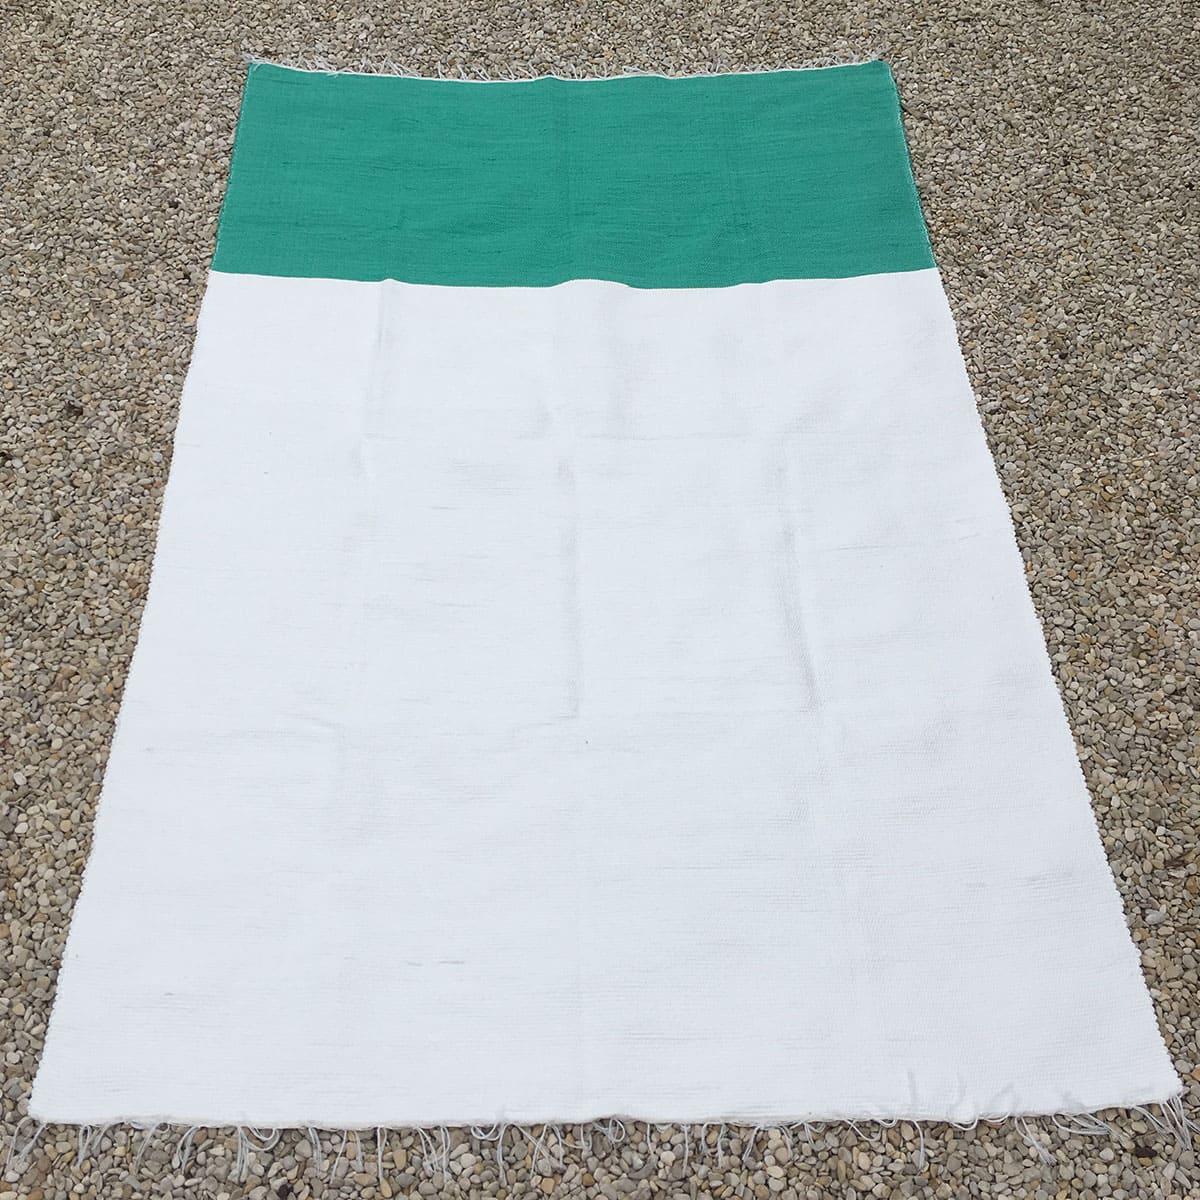 bicolor groen - wit